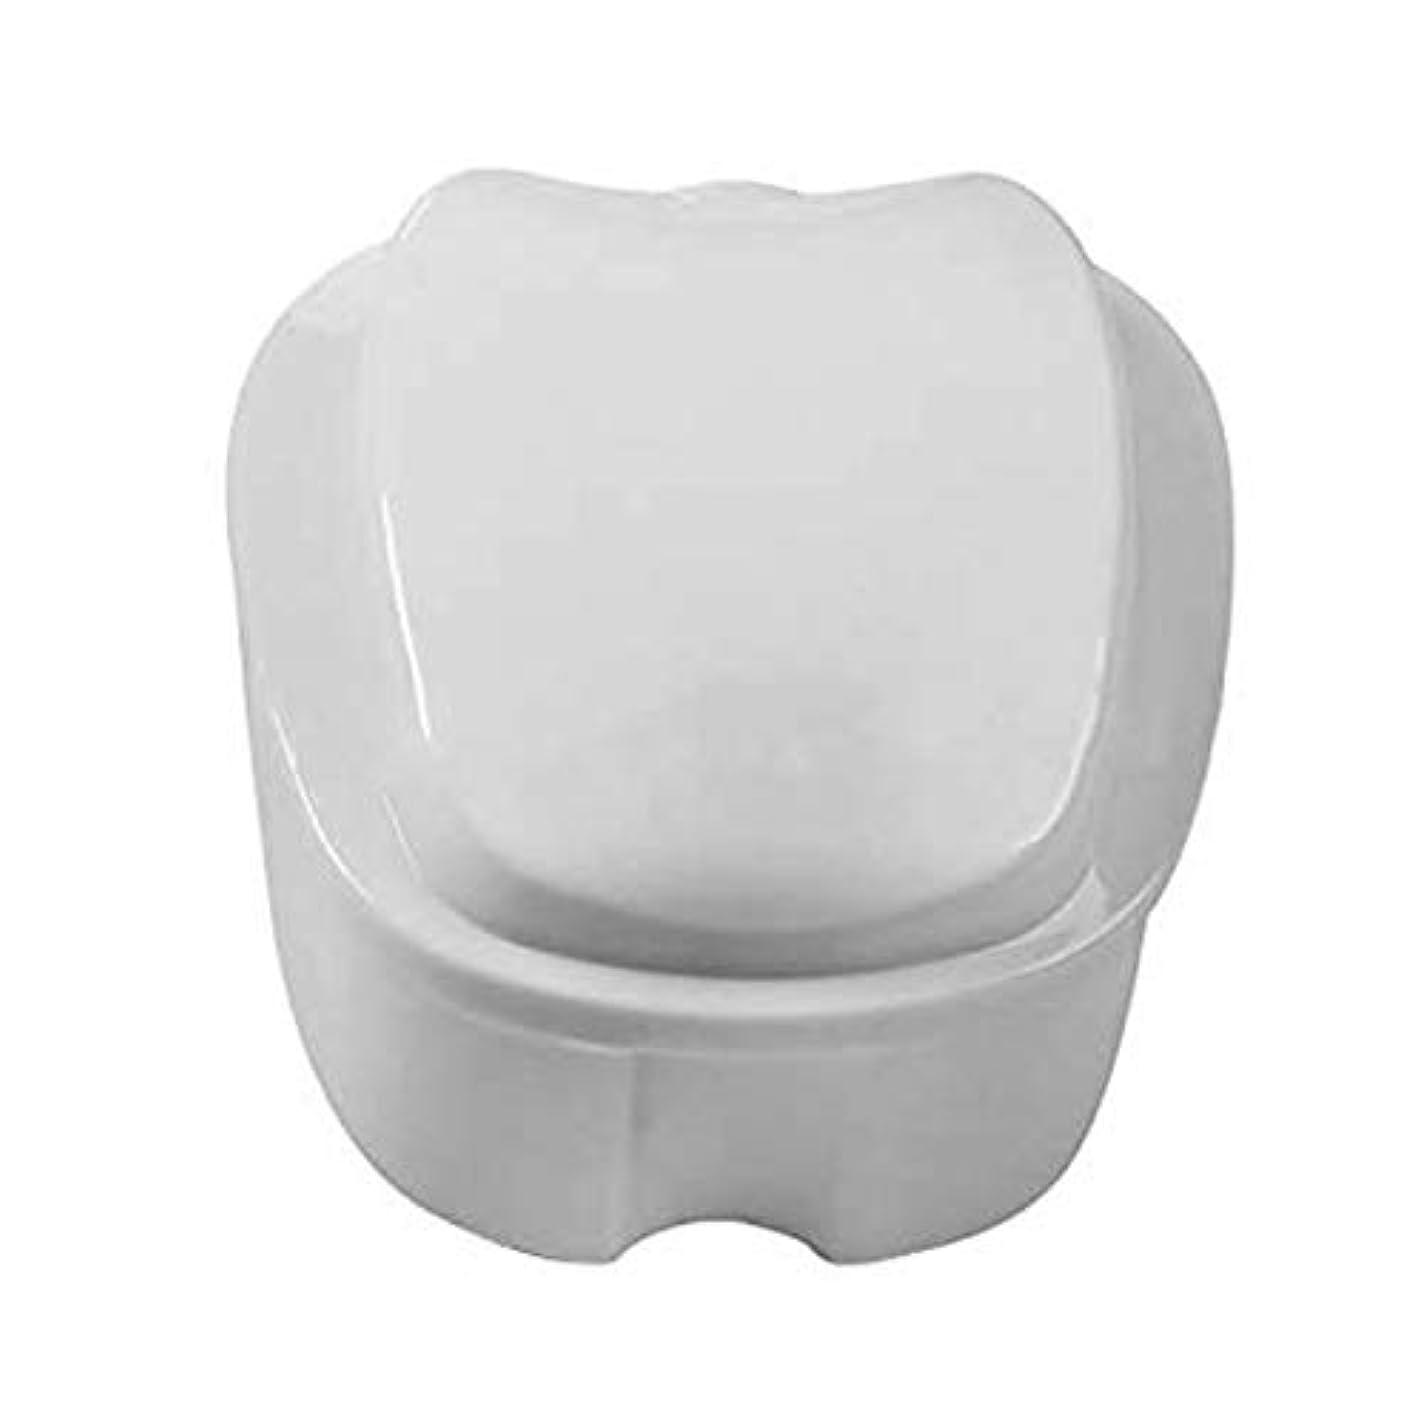 皿住所受益者CoiTek 入れ歯 ケース 義歯容器 家庭旅行用 ストレーナー付き(ホワイト)